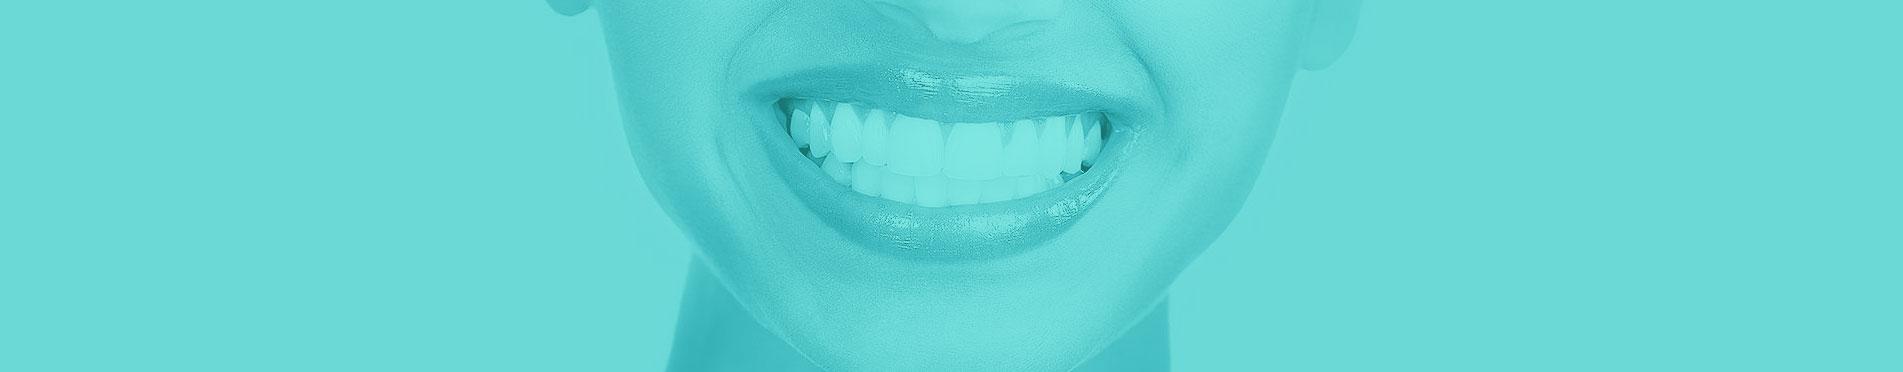 بنر بلیچینگ دندان